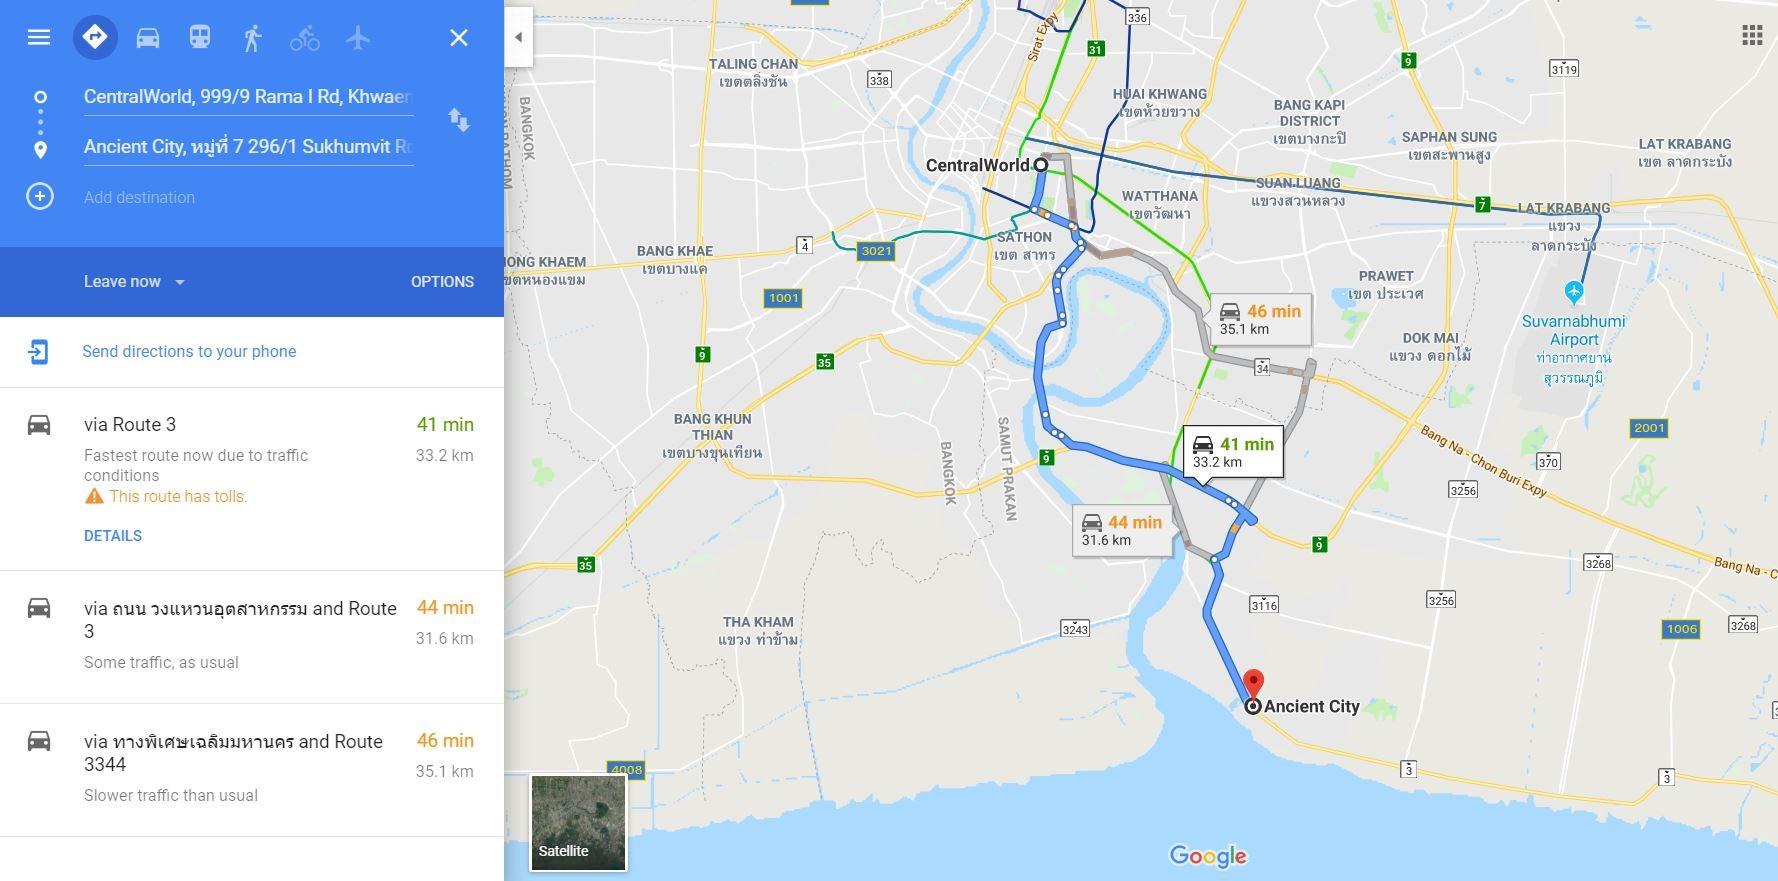 Khoảng cách từ Central World (trung tâm Bangkok) đến Ancient City